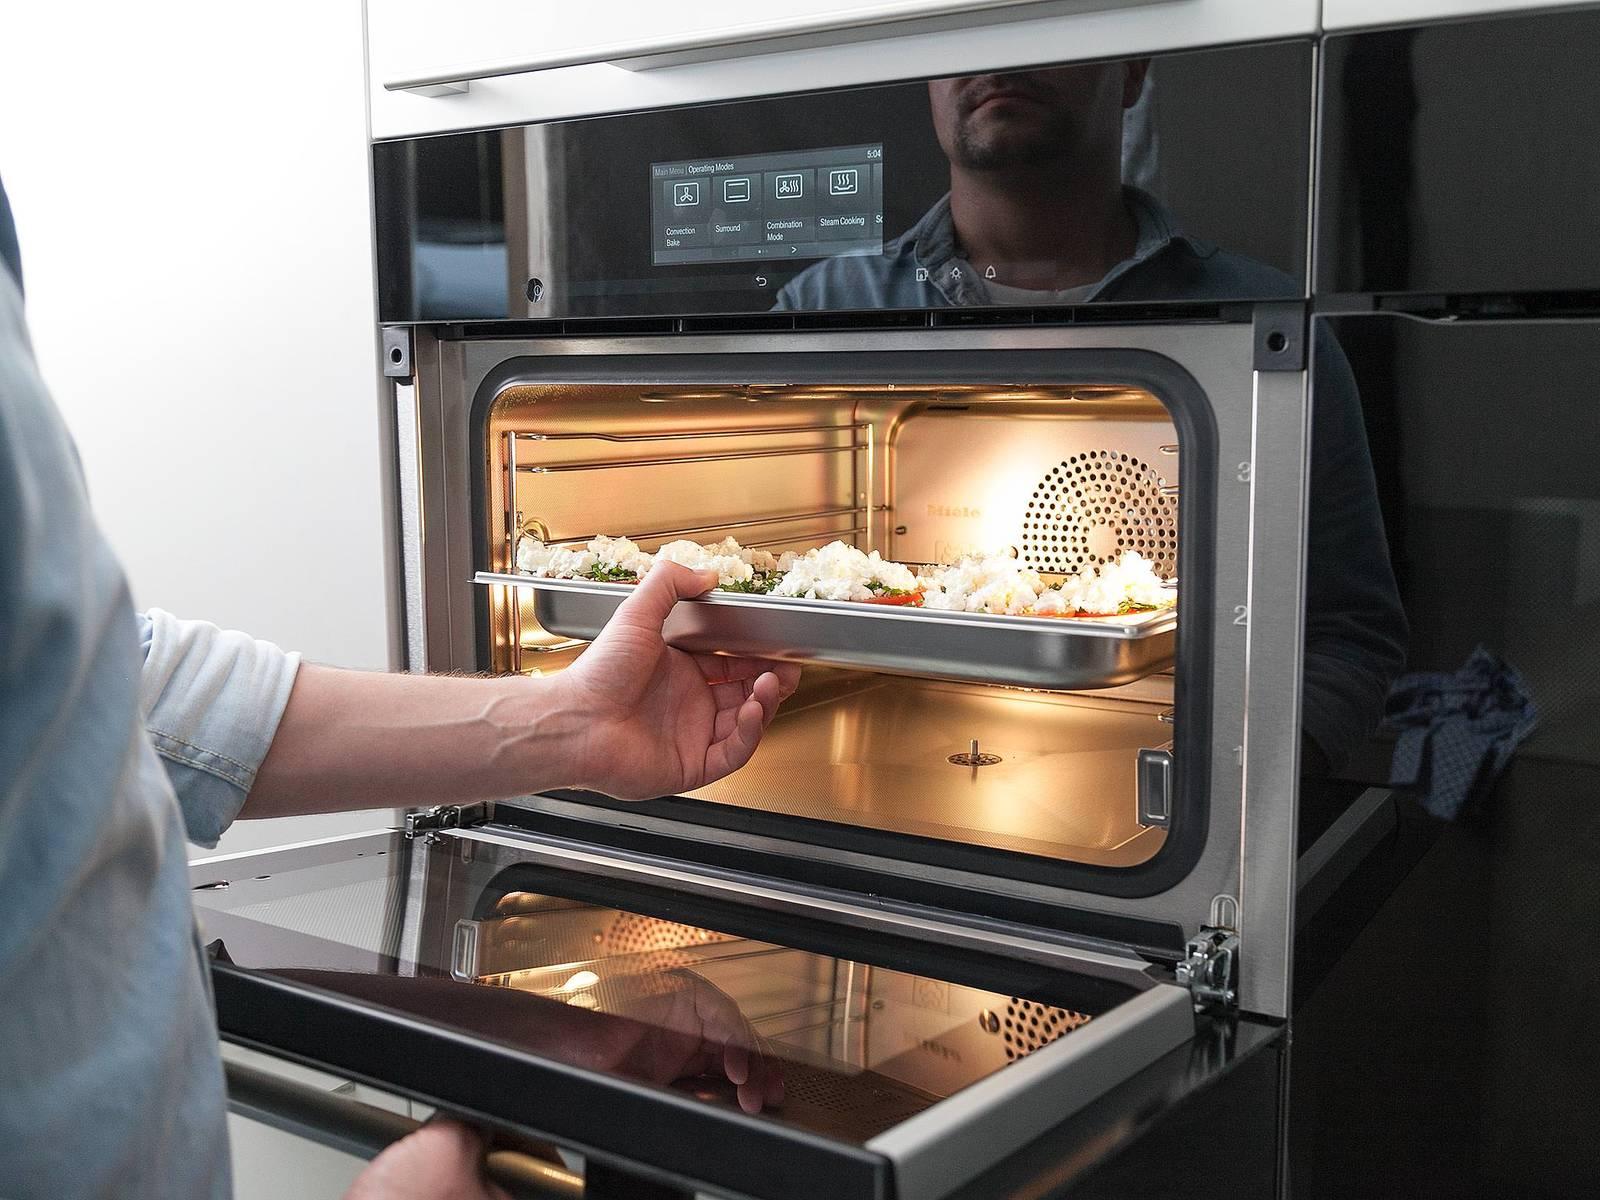 以100℃蒸5分钟。若喜欢,可以搭配烤过的土耳其扁面包。尽情享用吧!